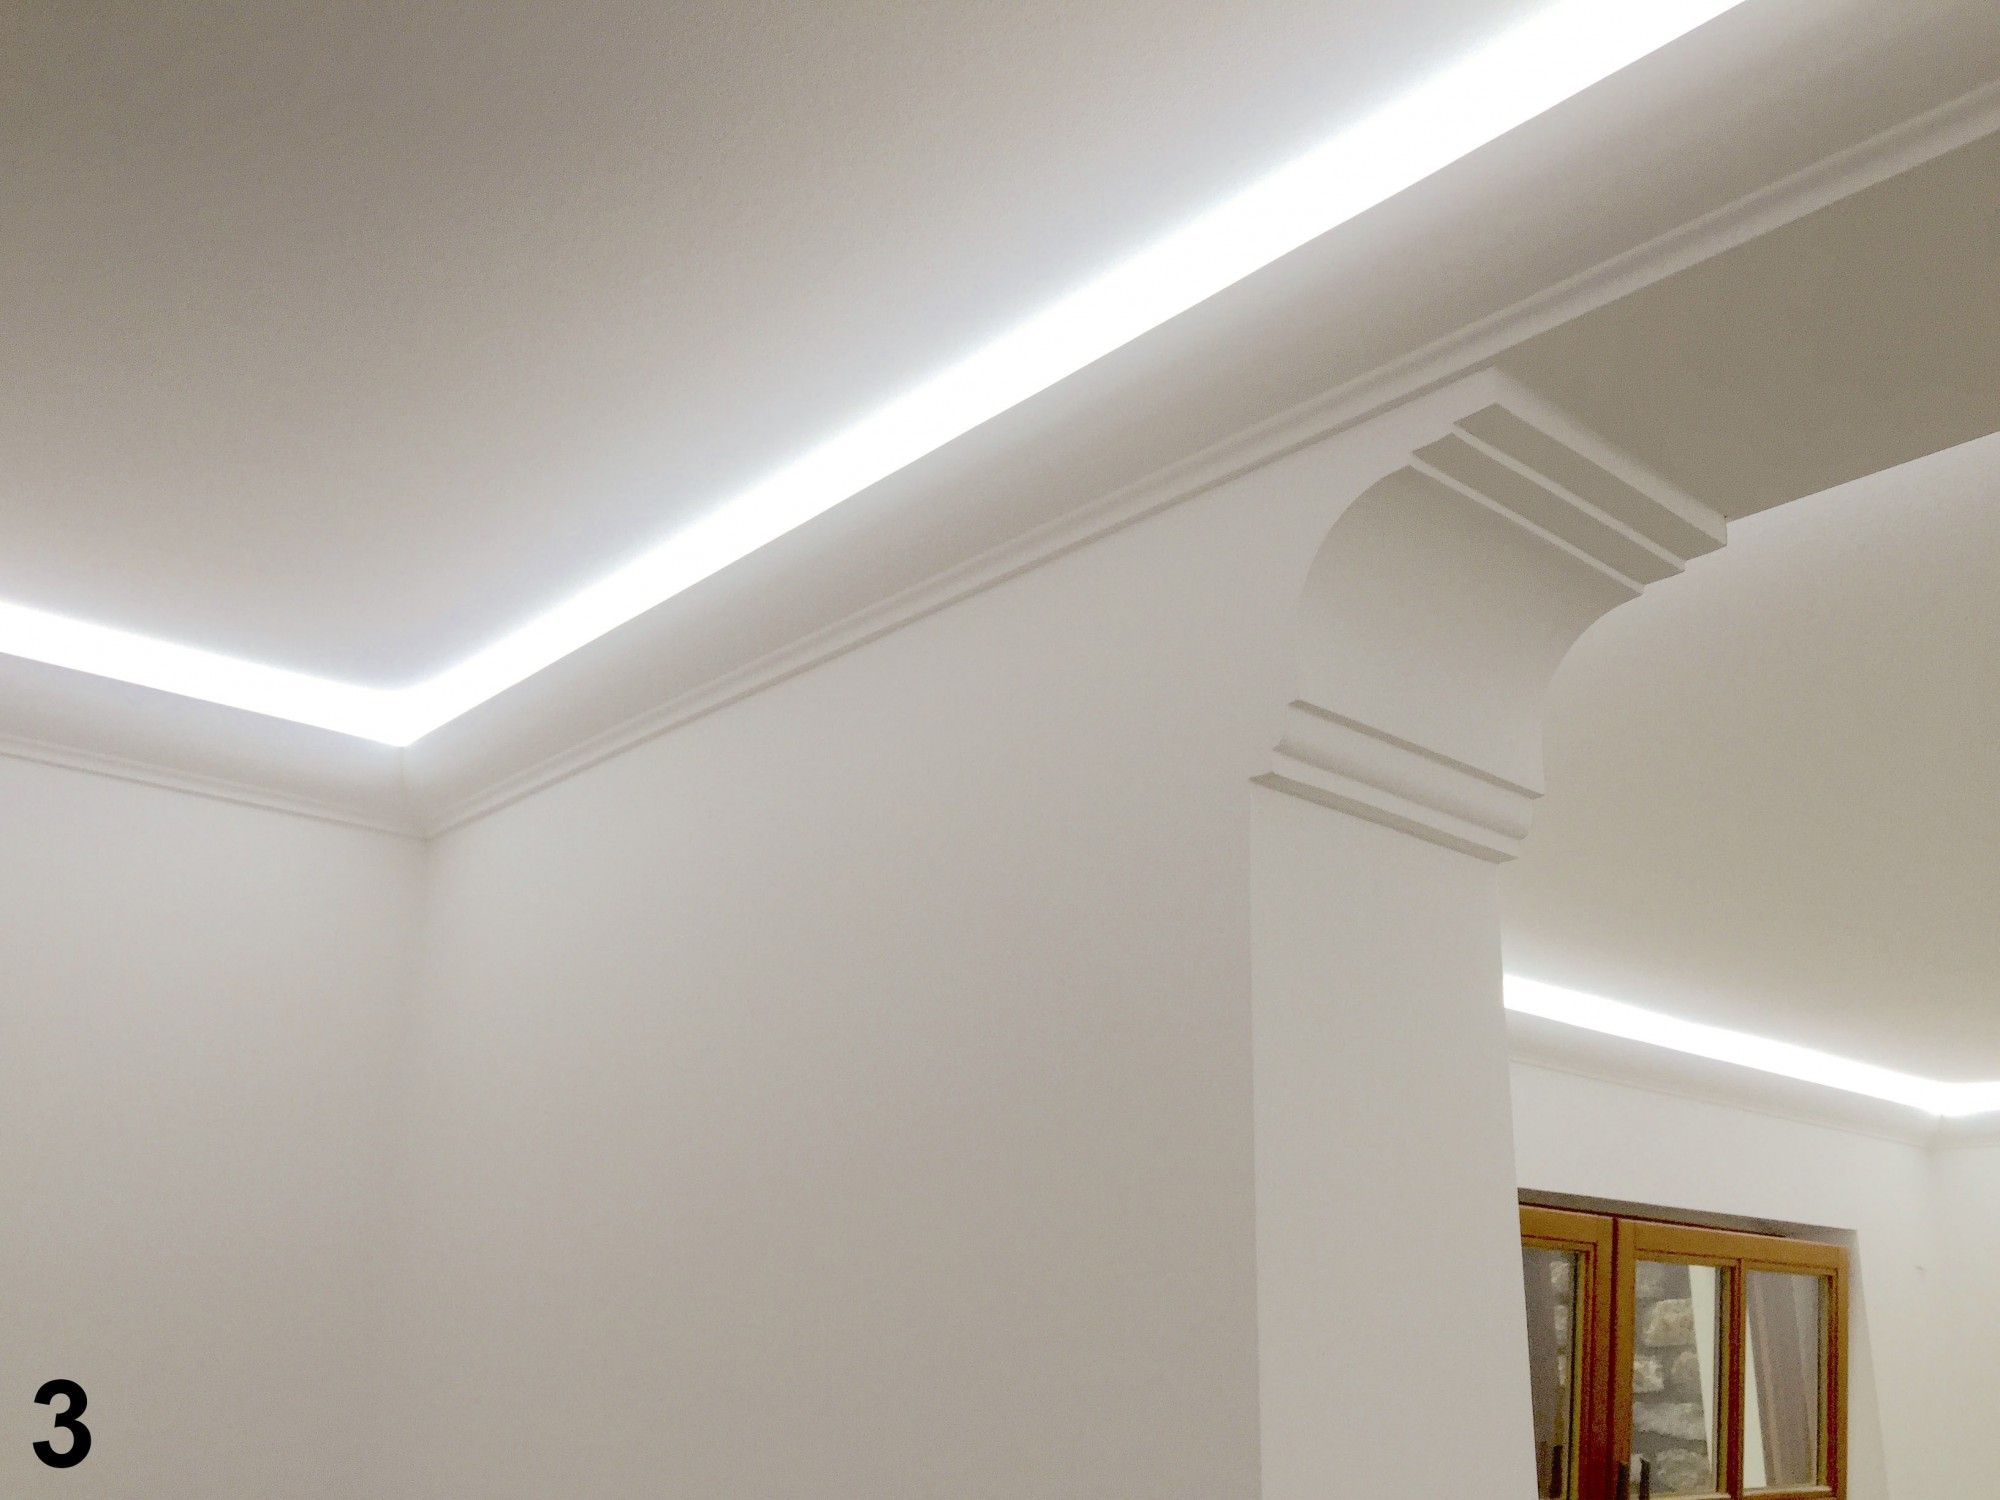 Indirekte Deckenbeleuchtung ähnliches foto wohnzimmer beleuchtung und wohnzimmer